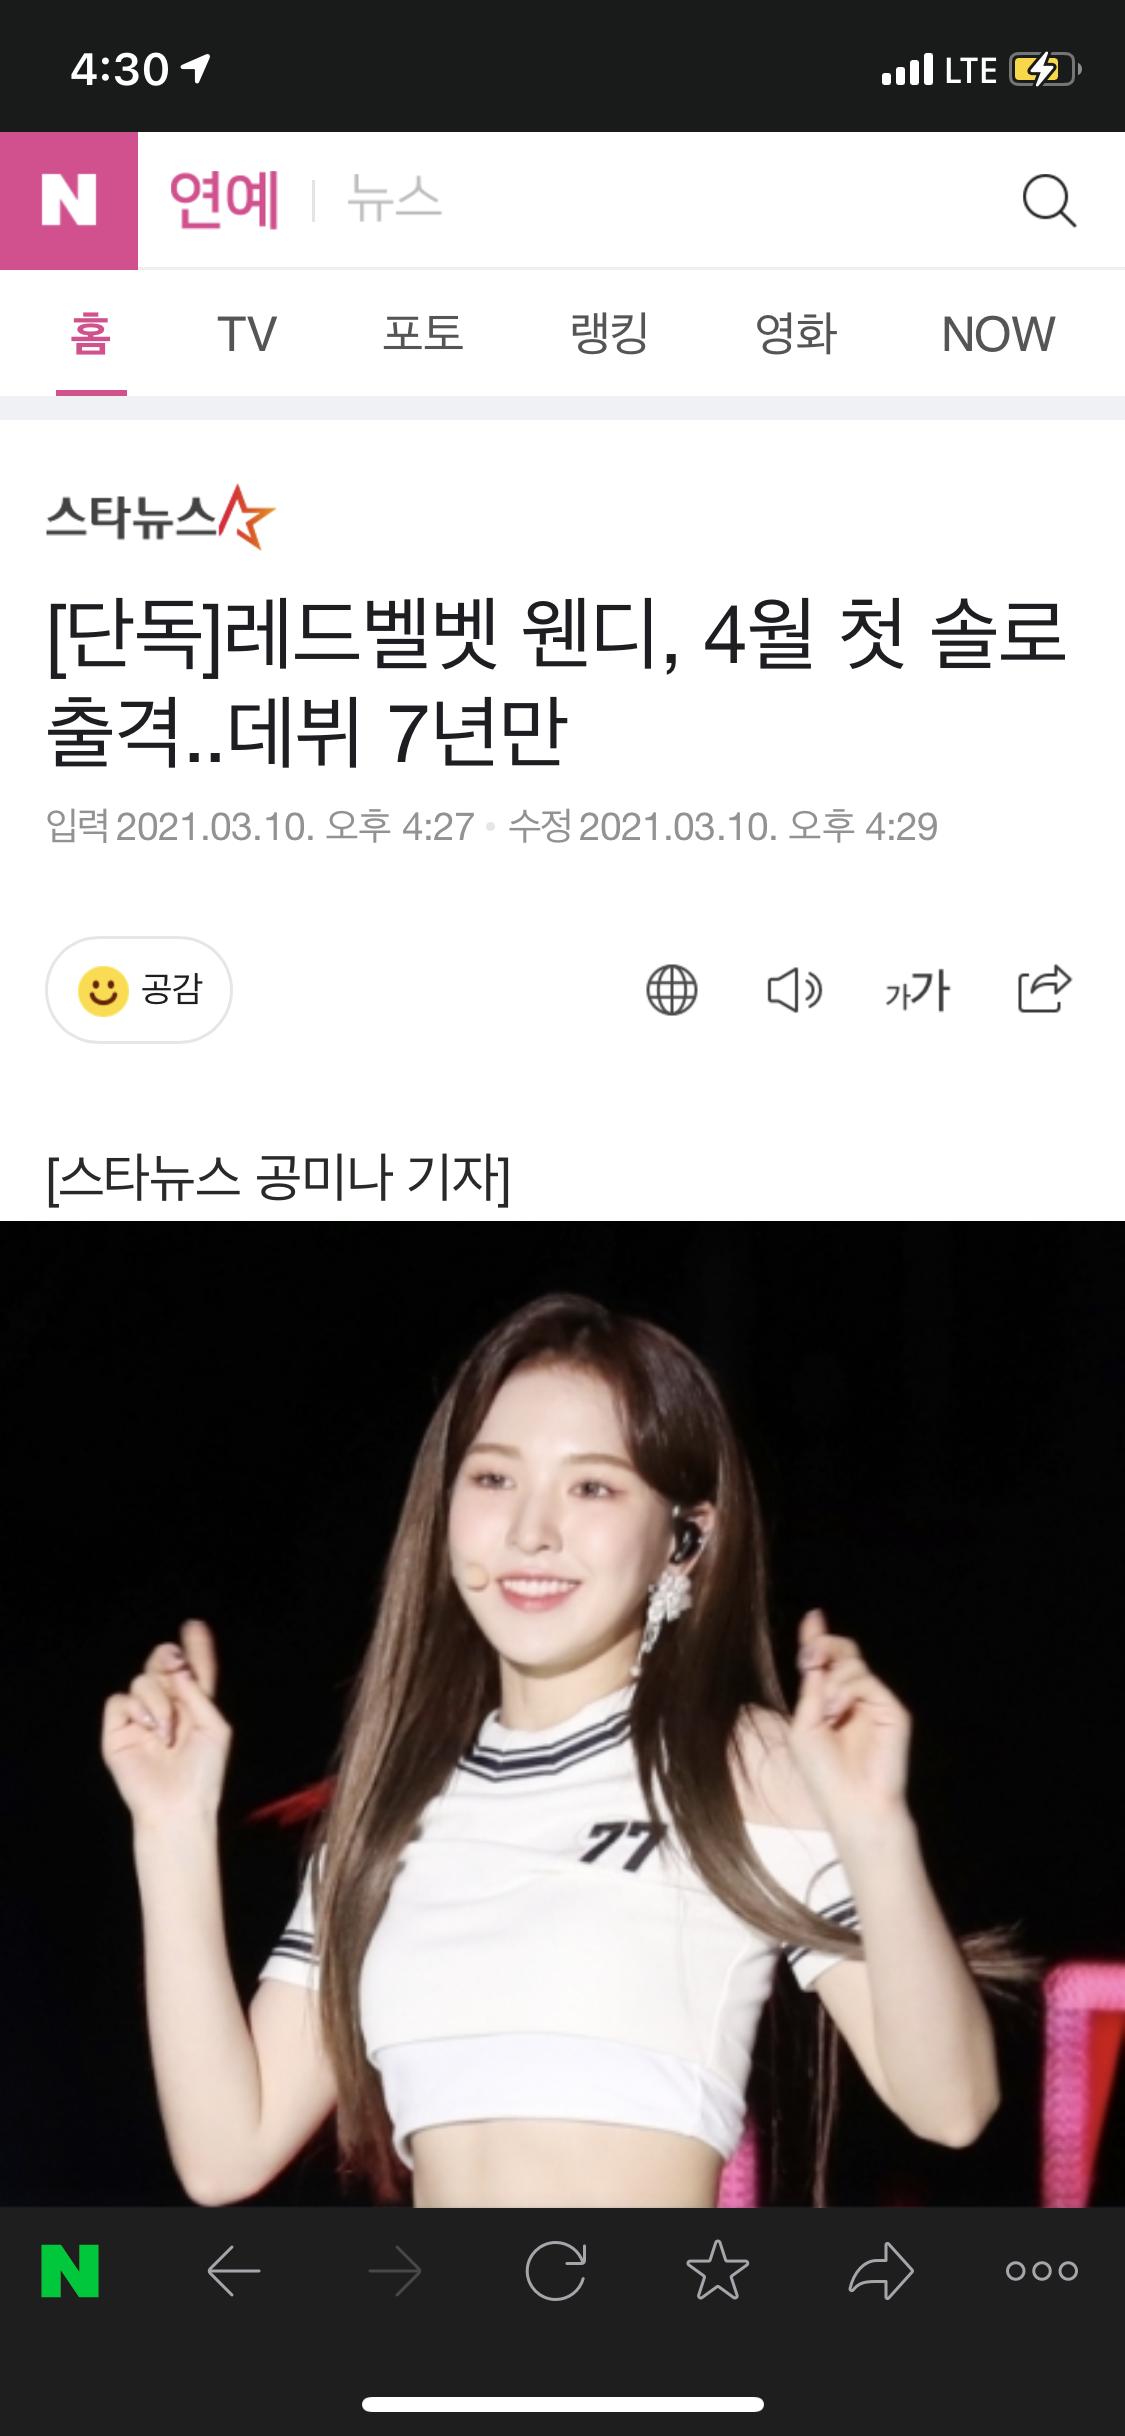 [정보/소식] [단독] 레드벨벳 웬디, 4월 첫 솔로 출격..데뷔 7년만 | 인스티즈